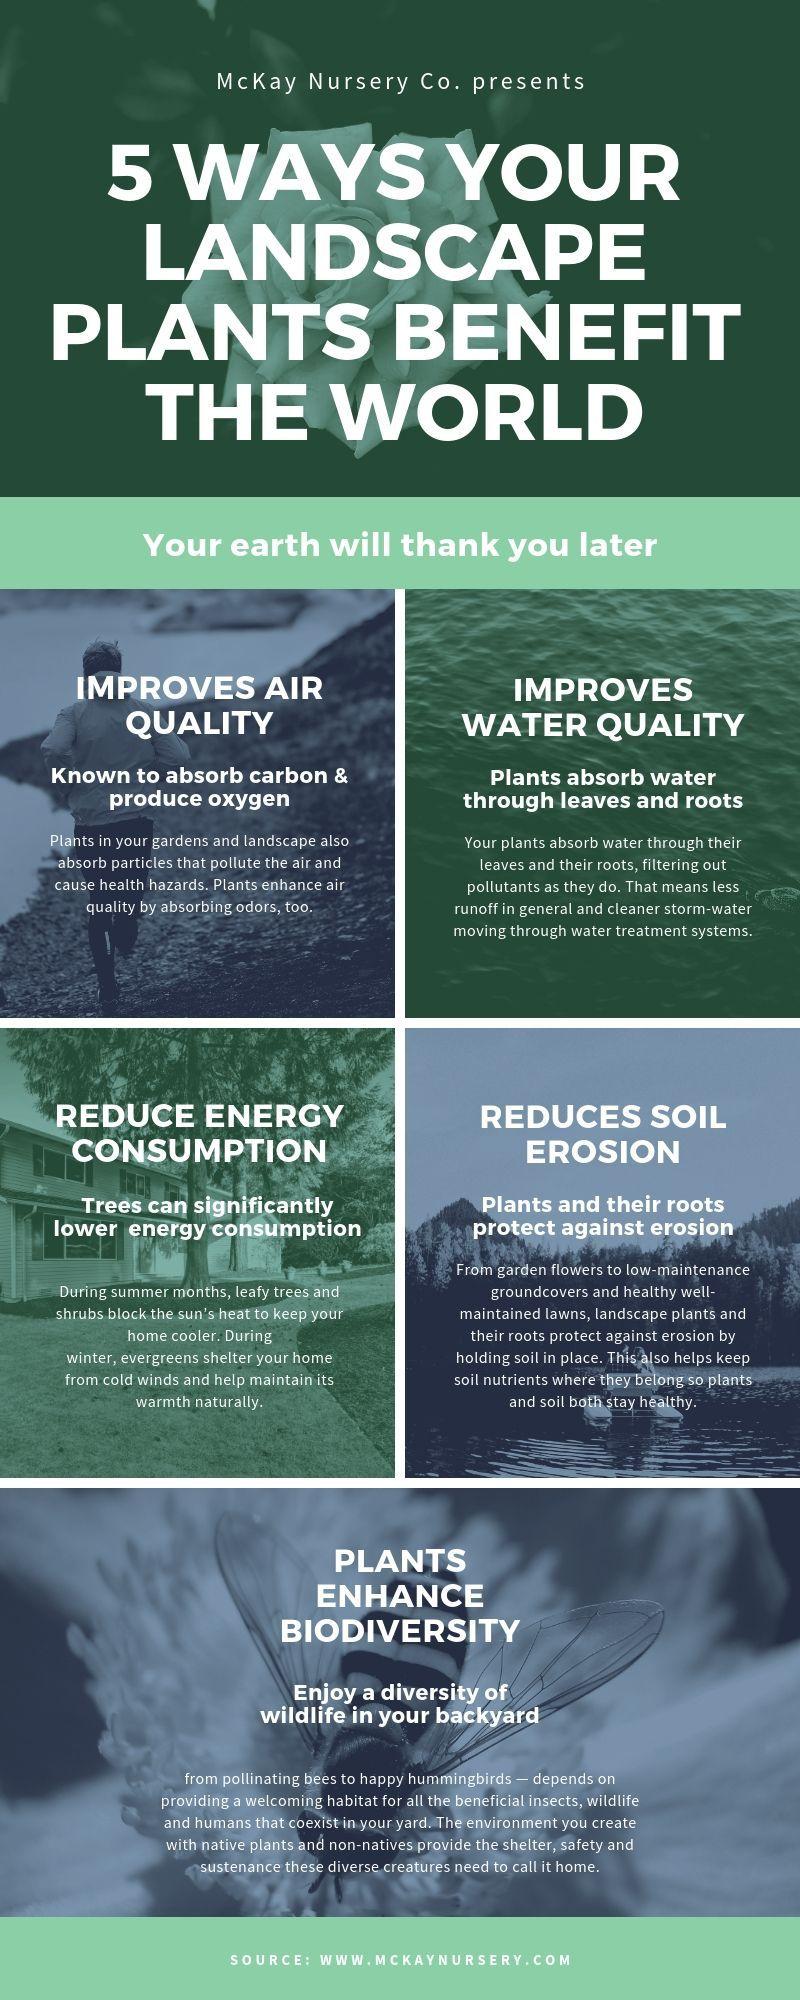 5 ways your landscape plants benefit the environment